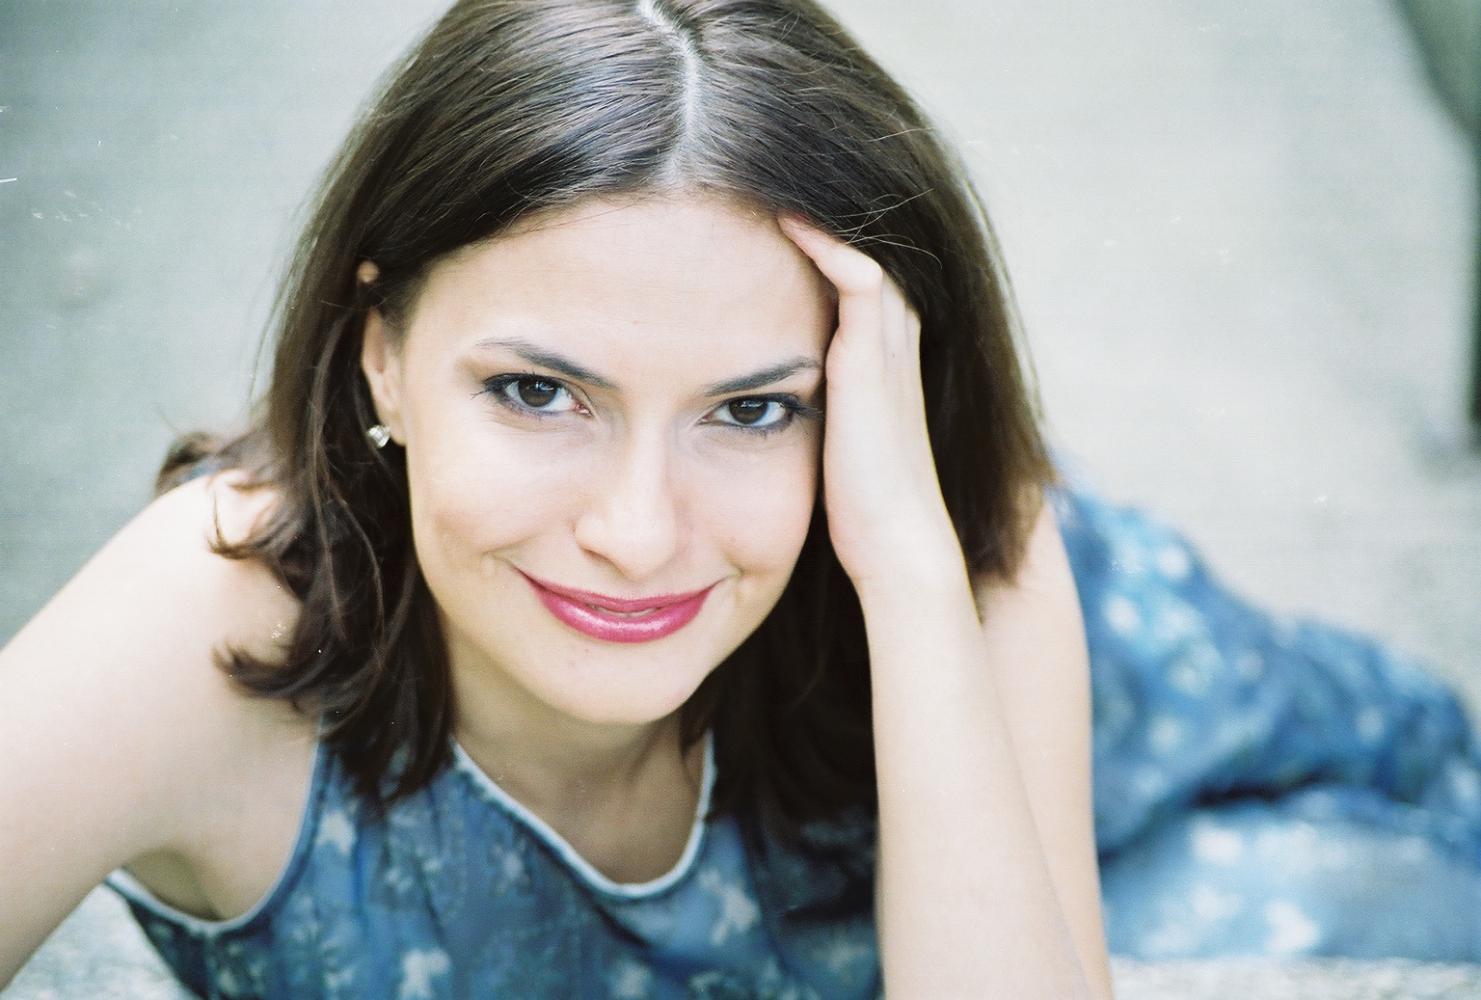 Nikki young pics, morey studio diana